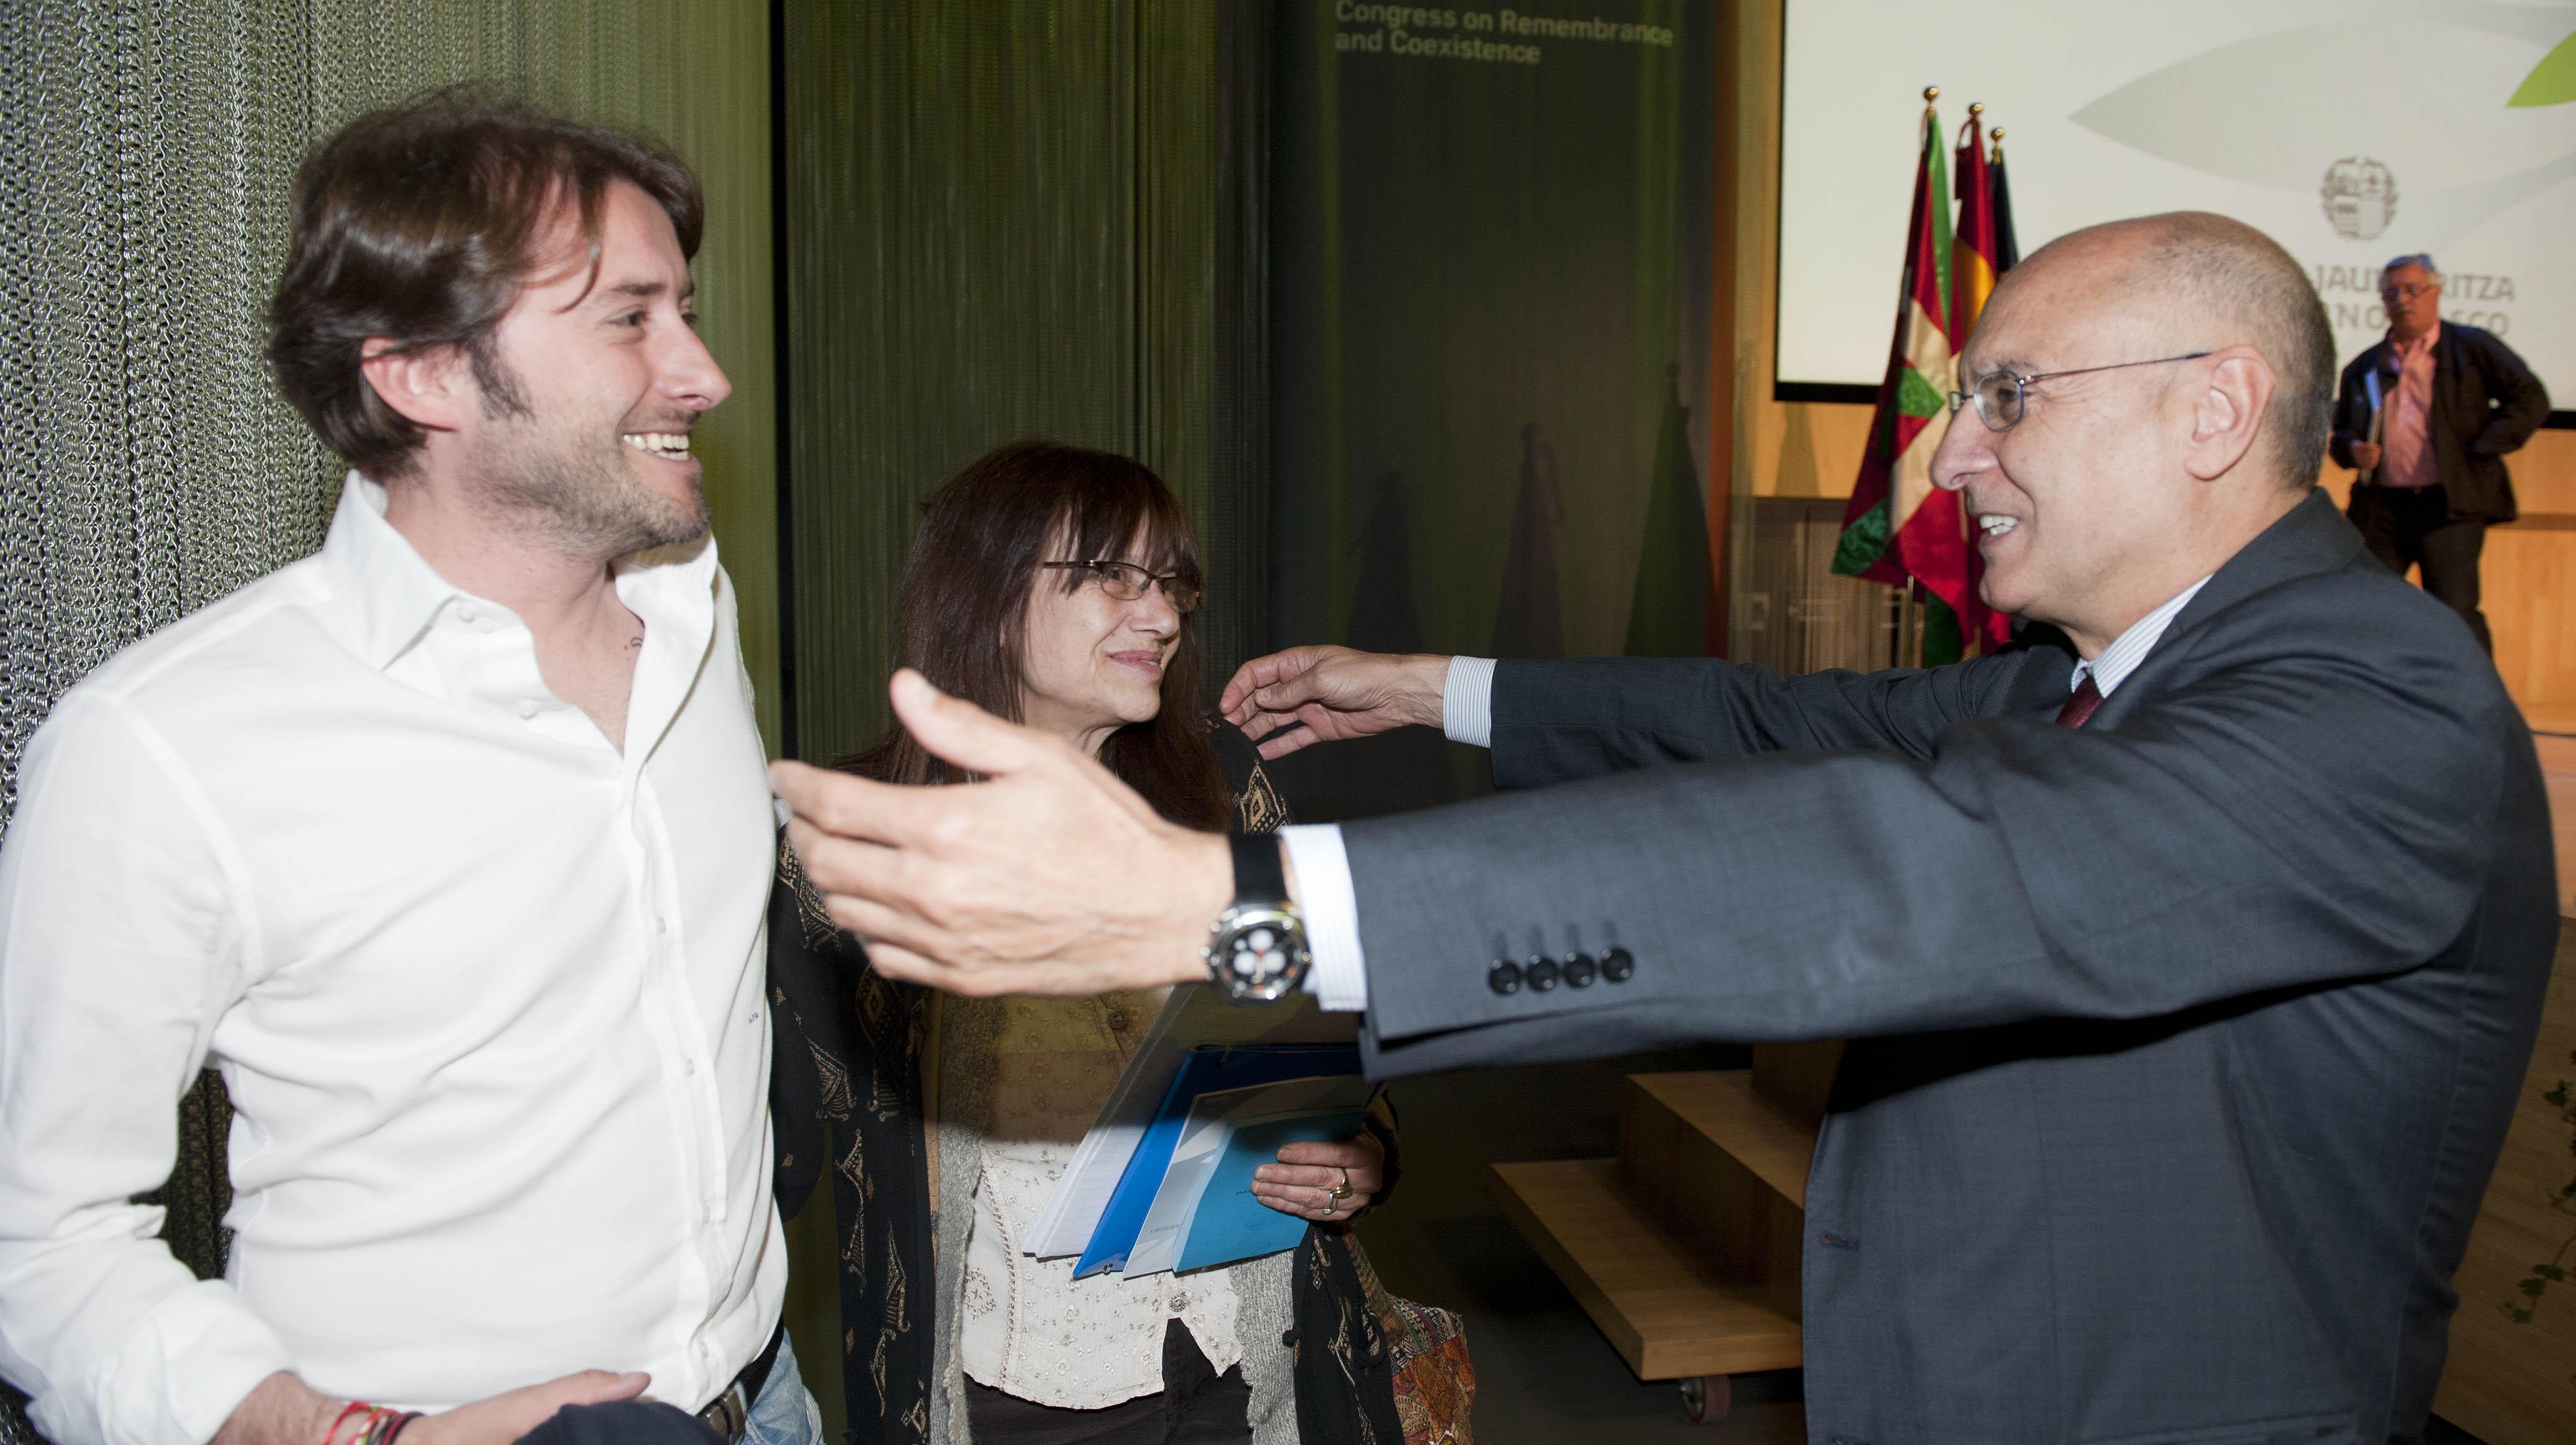 2012_05_19_congreso_memoria_13.jpg